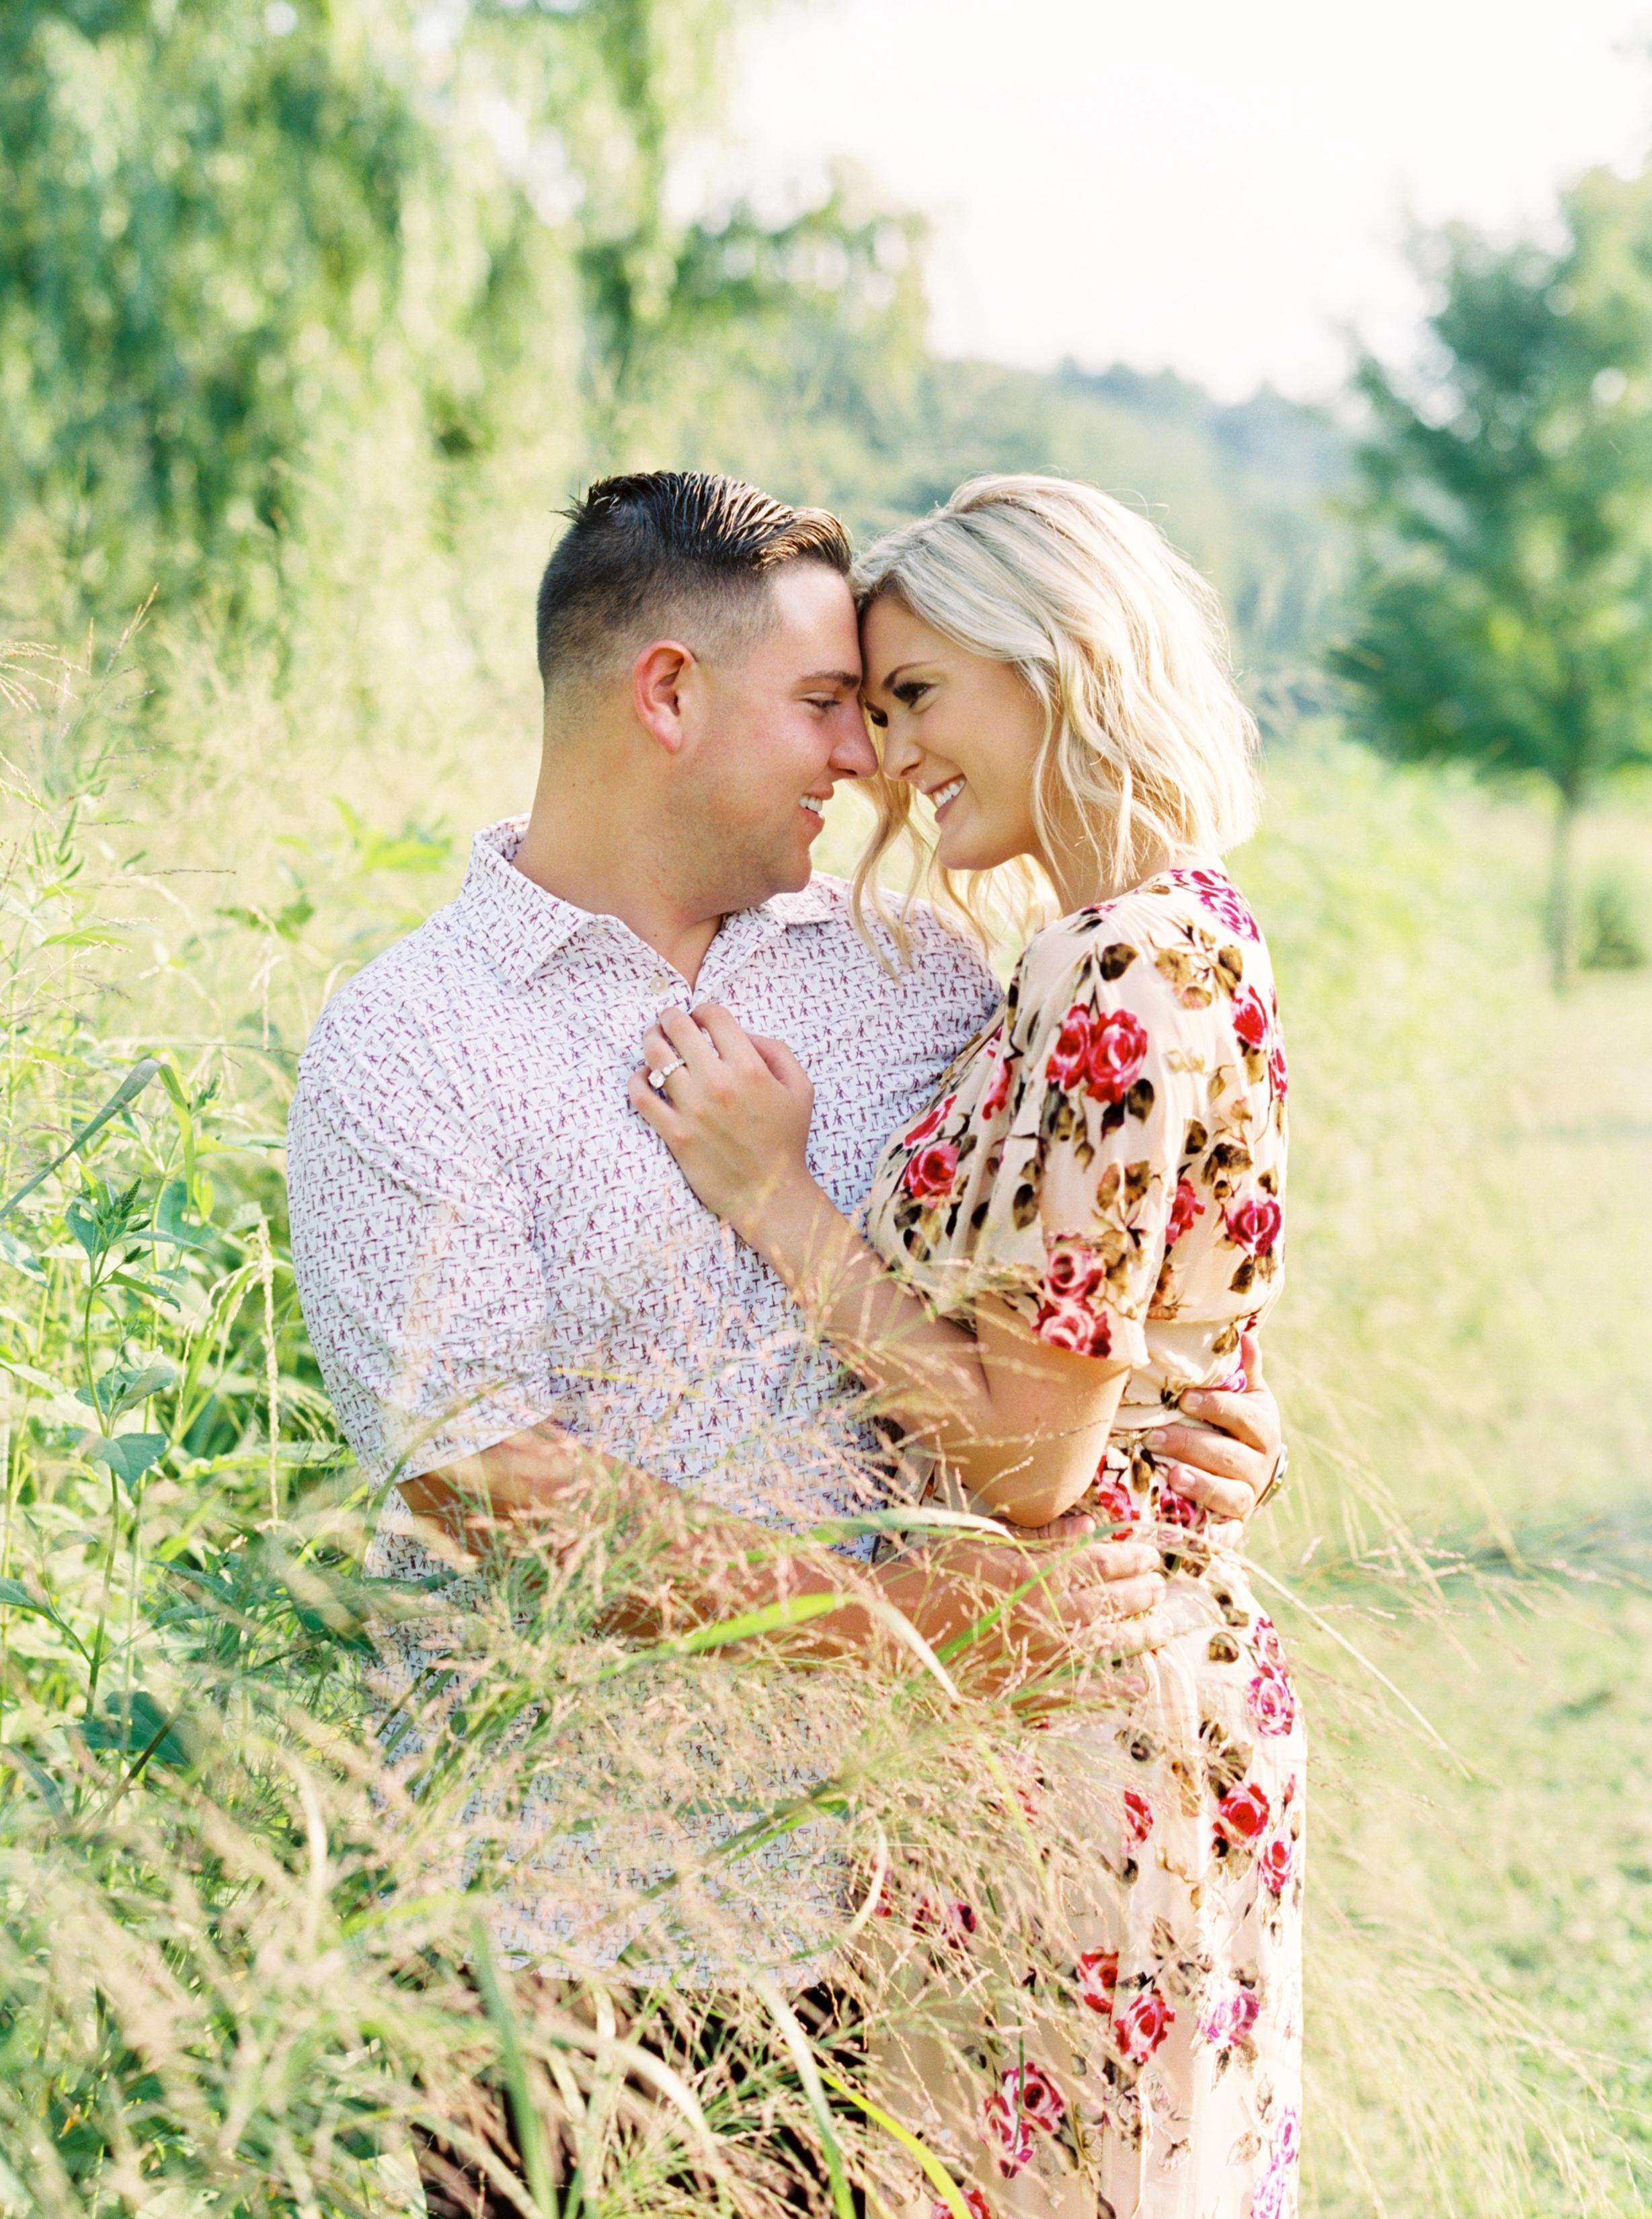 Kelsie_Peyton_Engagement_Abigail_Malone_Photography-134.jpg